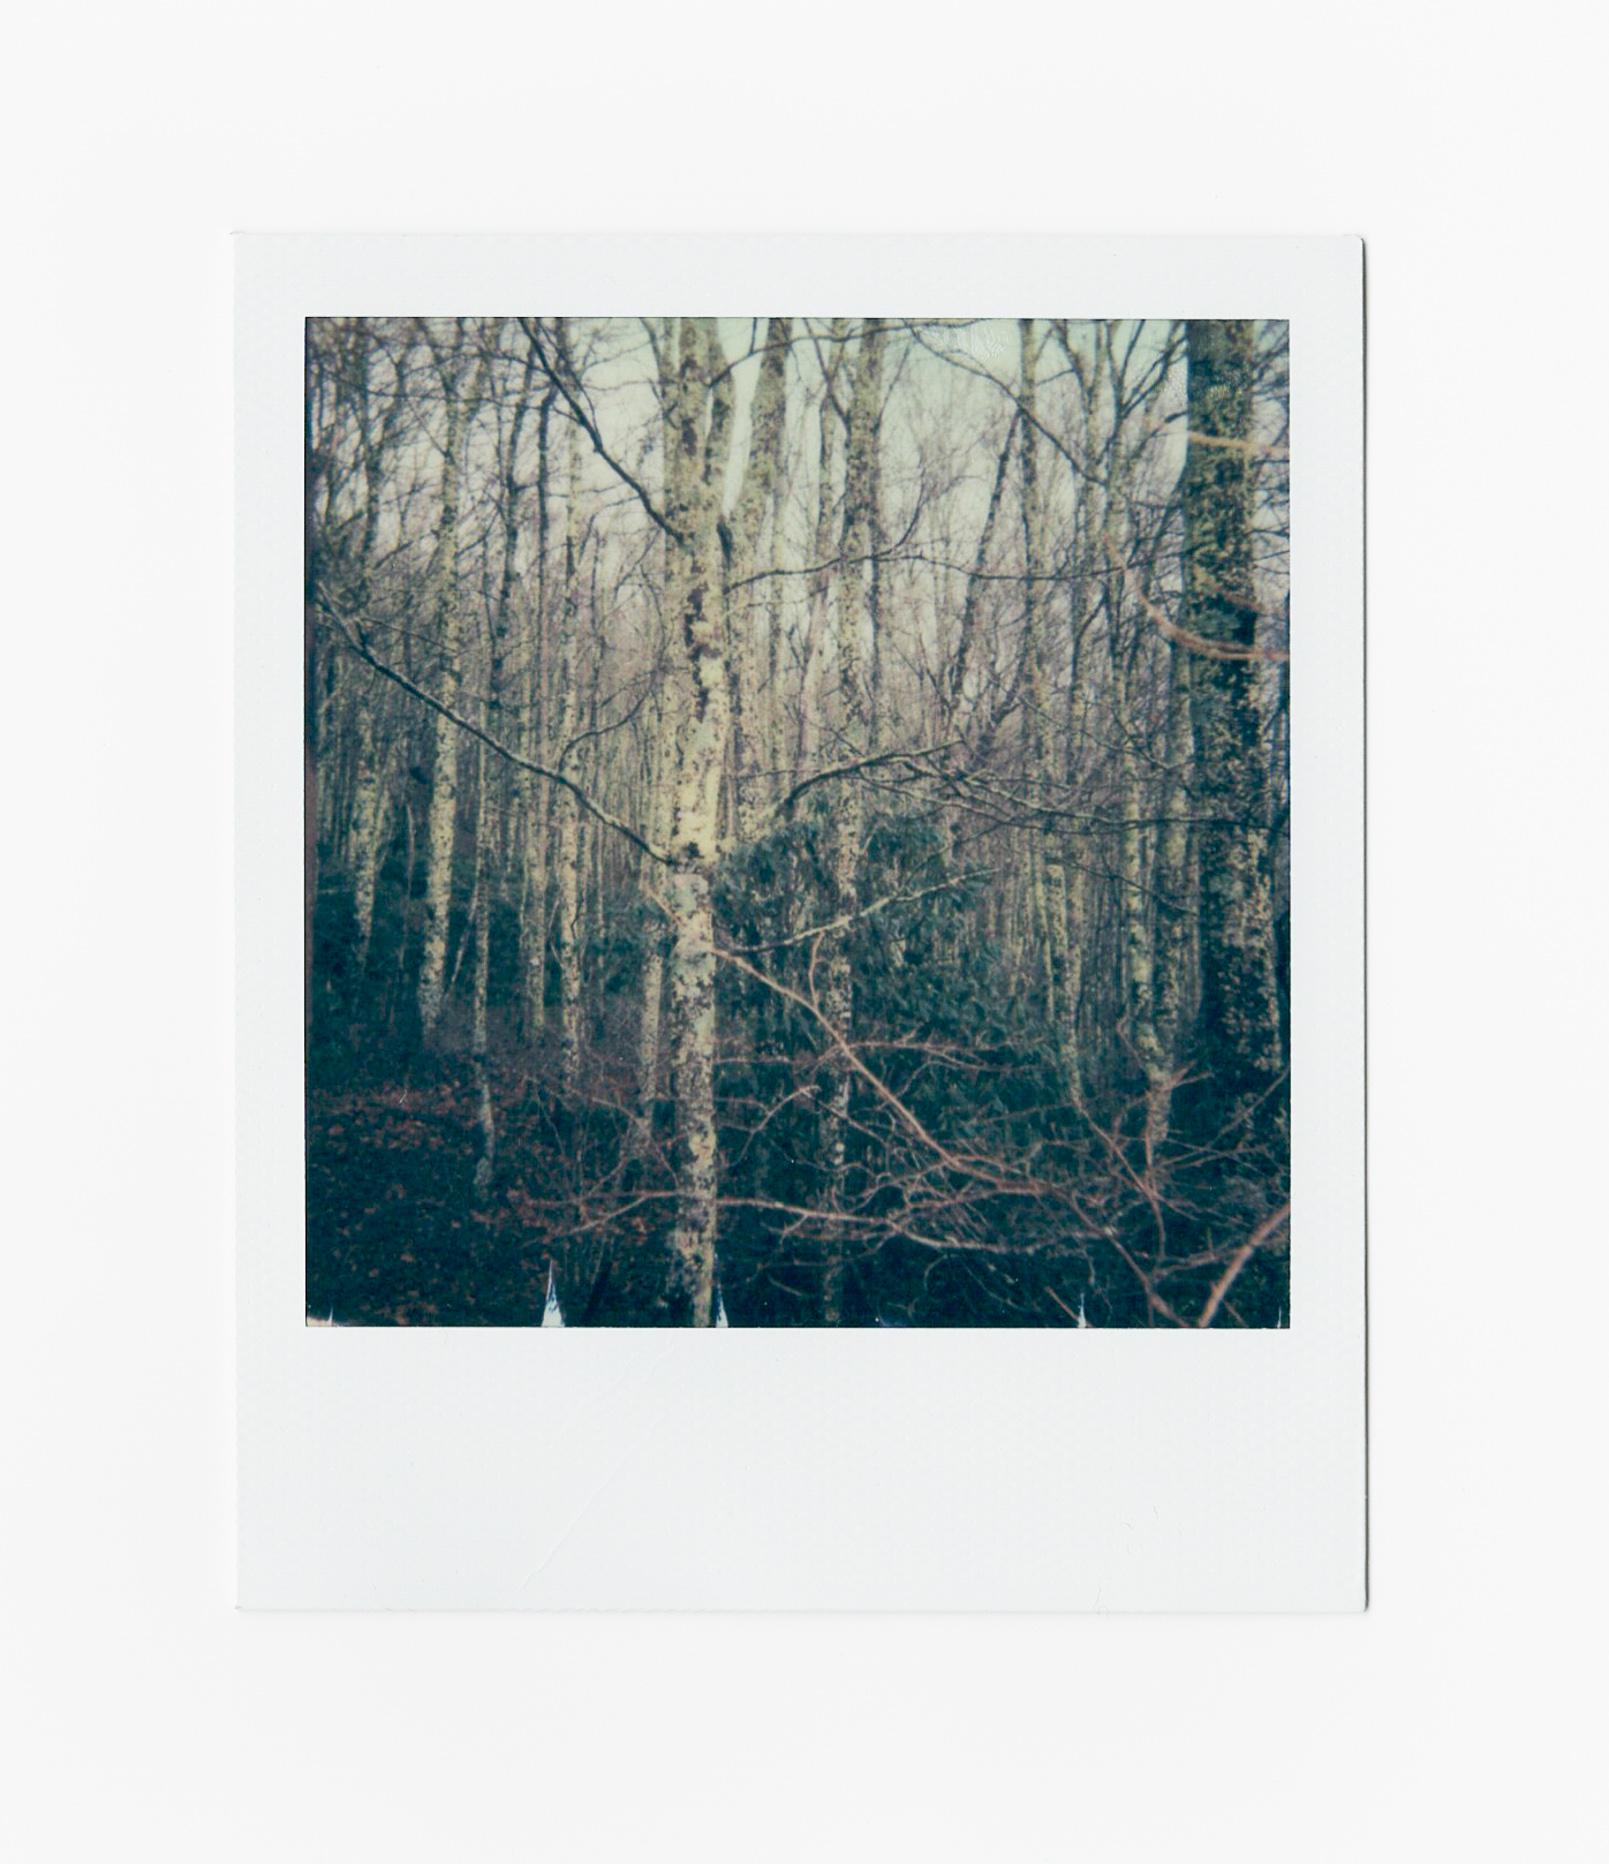 xmas16_woods (1 of 1).jpg